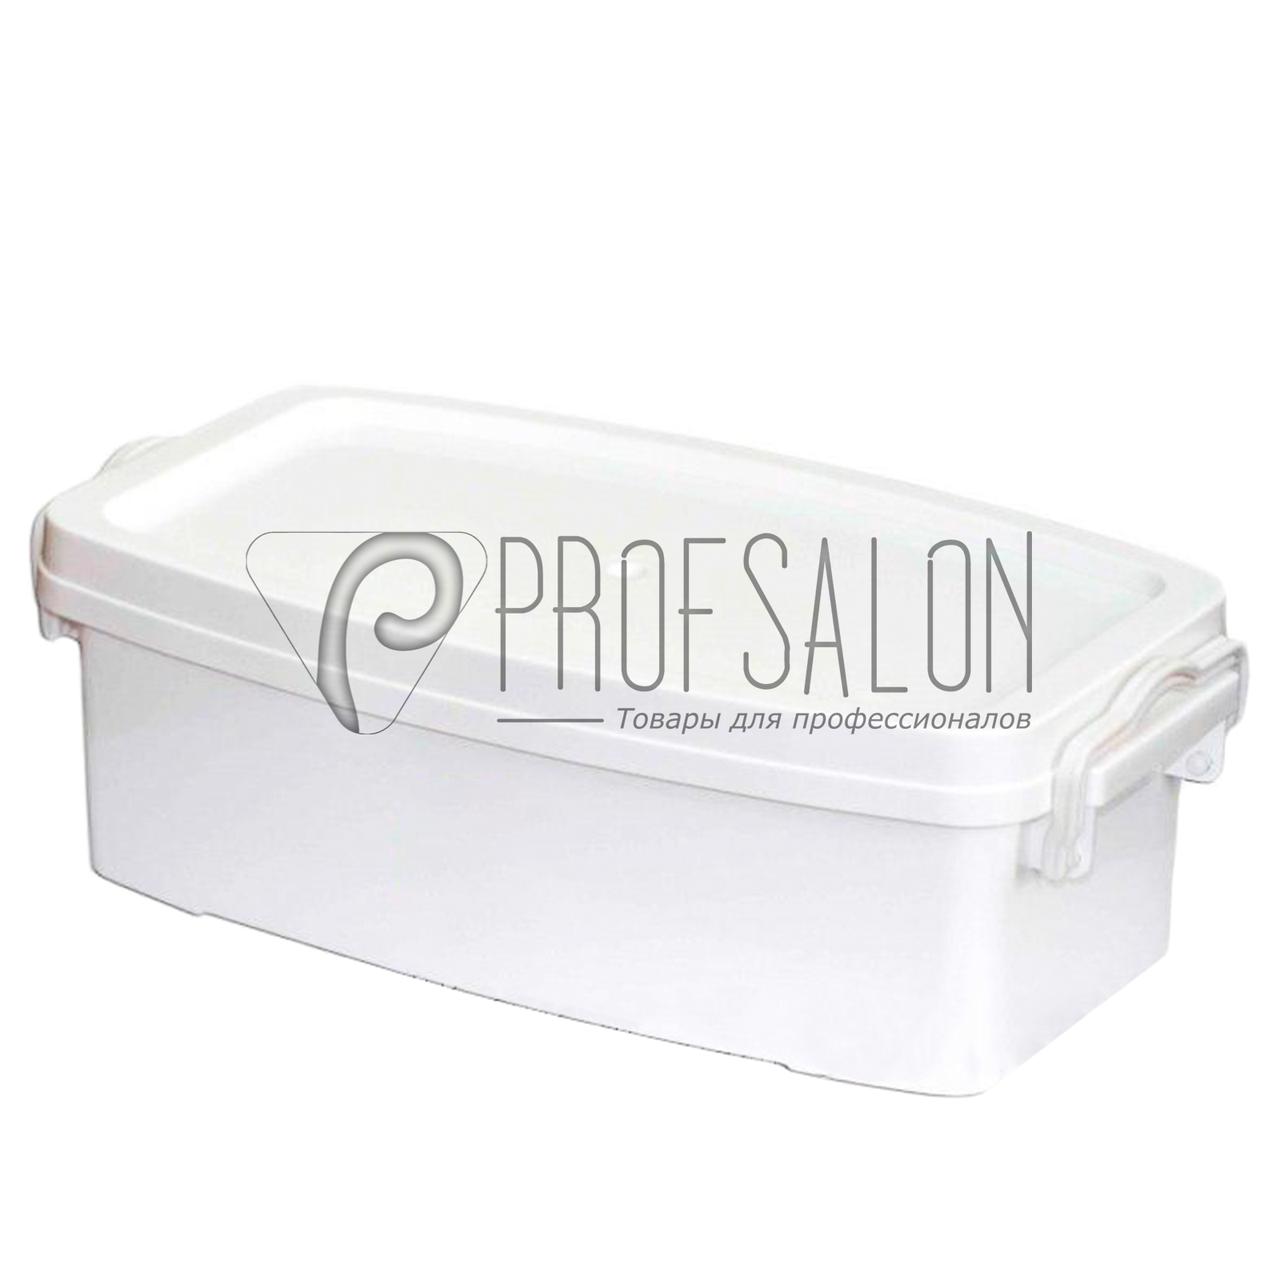 Лоток - Контейнер для дезинфекции, ёмкость 3 л, повышенного качества, белый